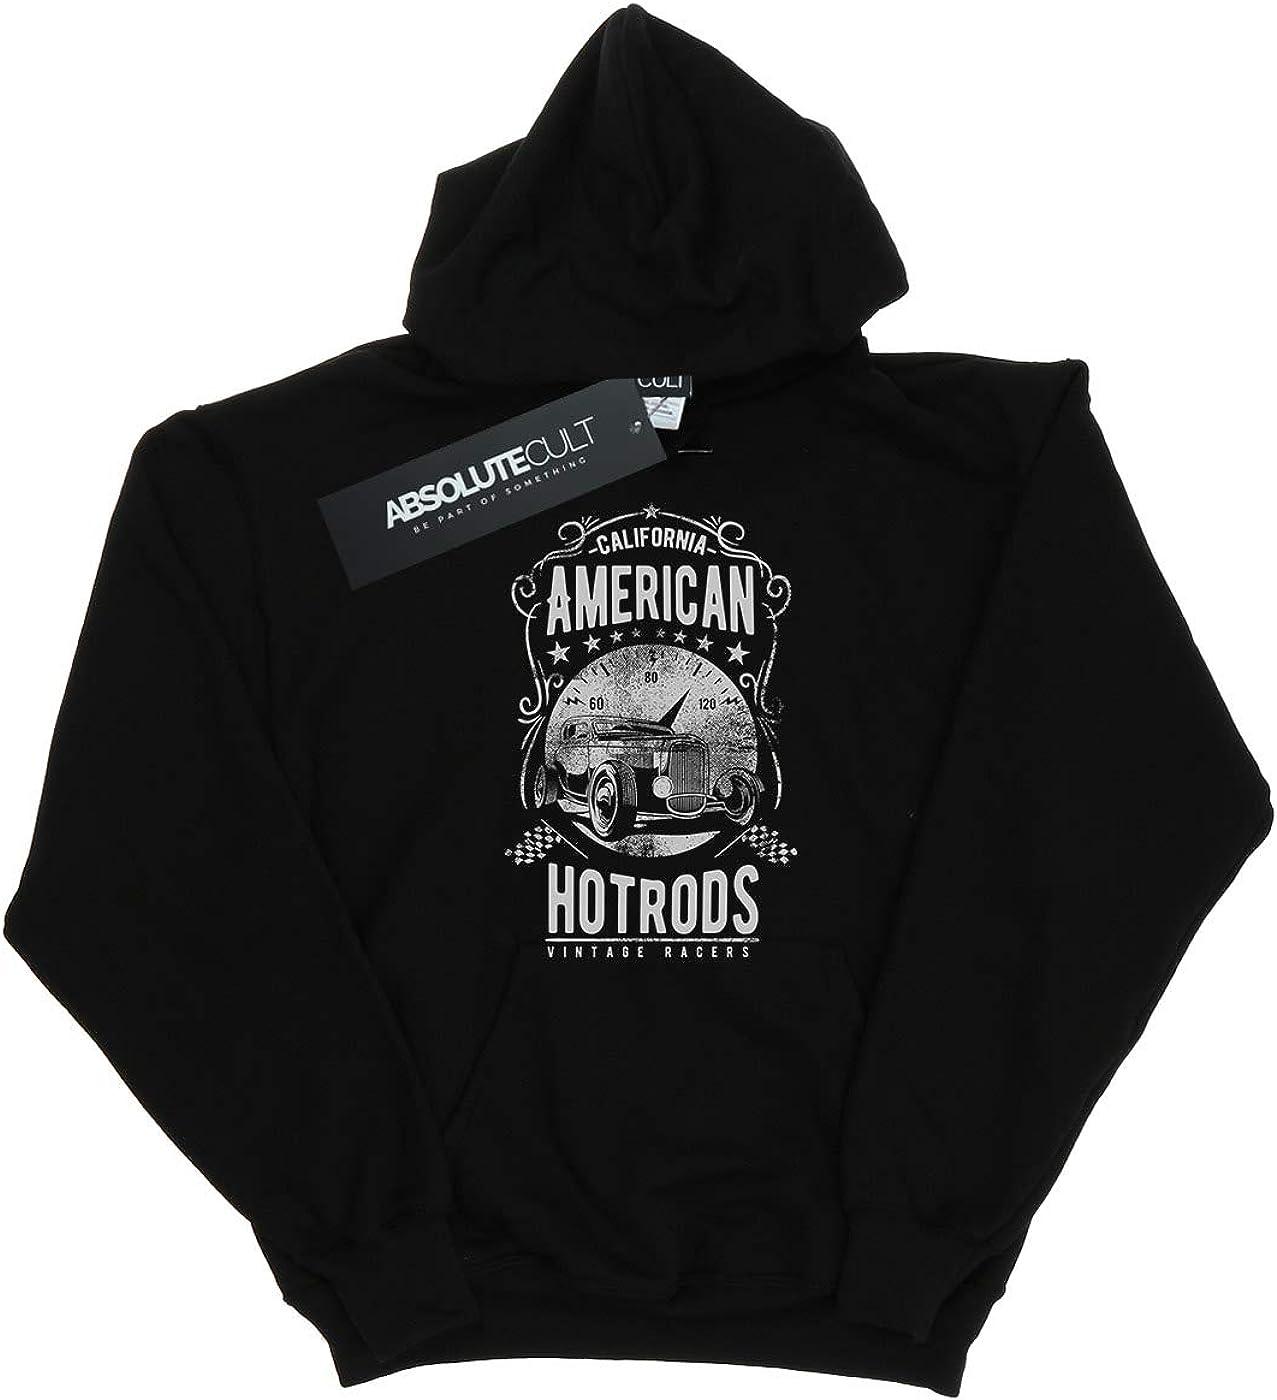 ABSOLUTECULT Drewbacca Girls American Hotorods Hoodie